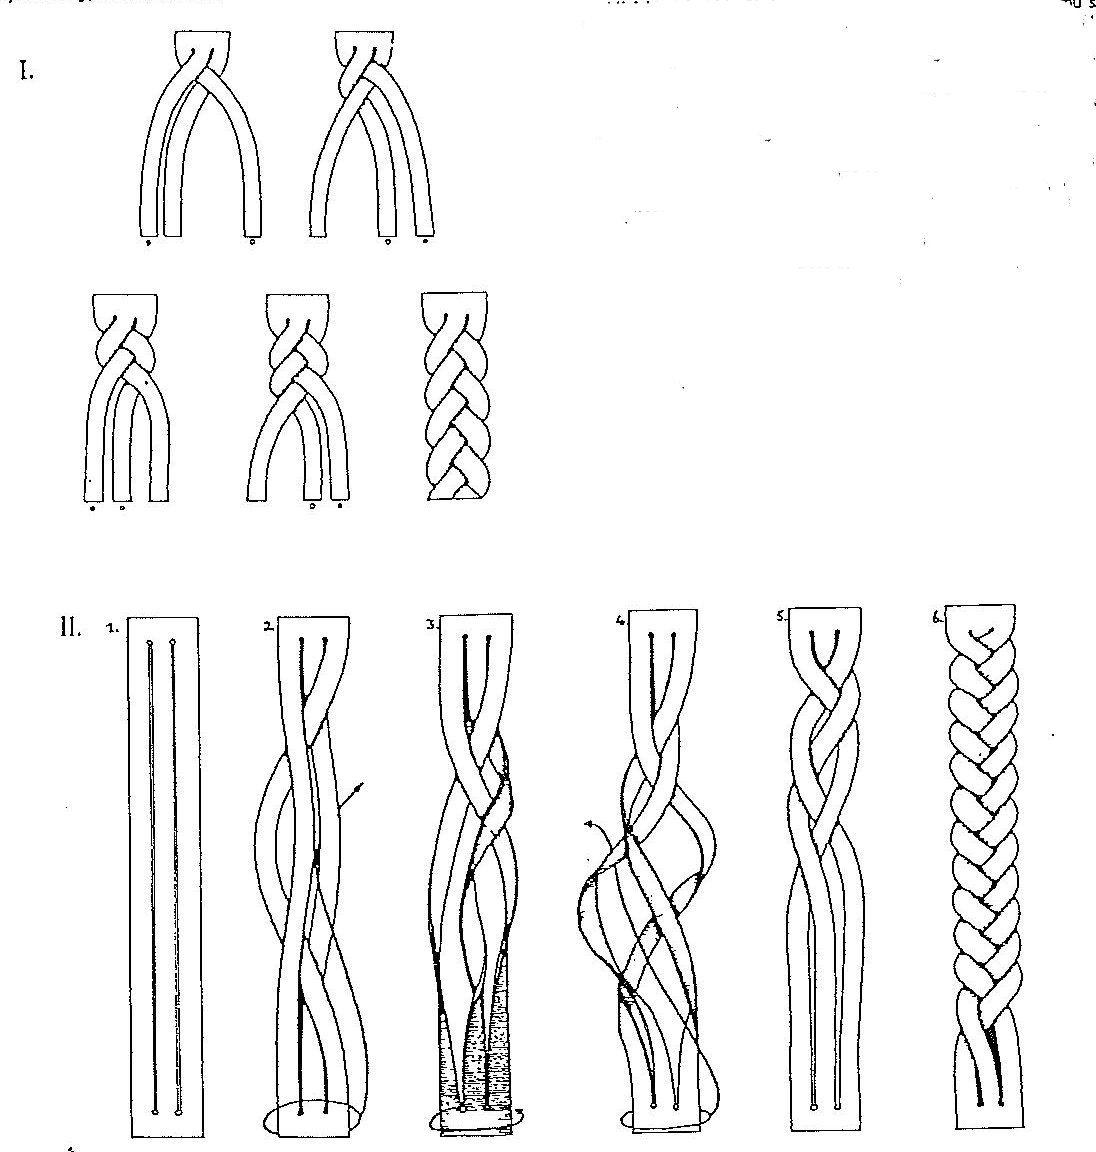 Как вязать косы спицами – варианты вязания простых и сложных узоров. пошаговое описание и советы начинающим (90 фото)